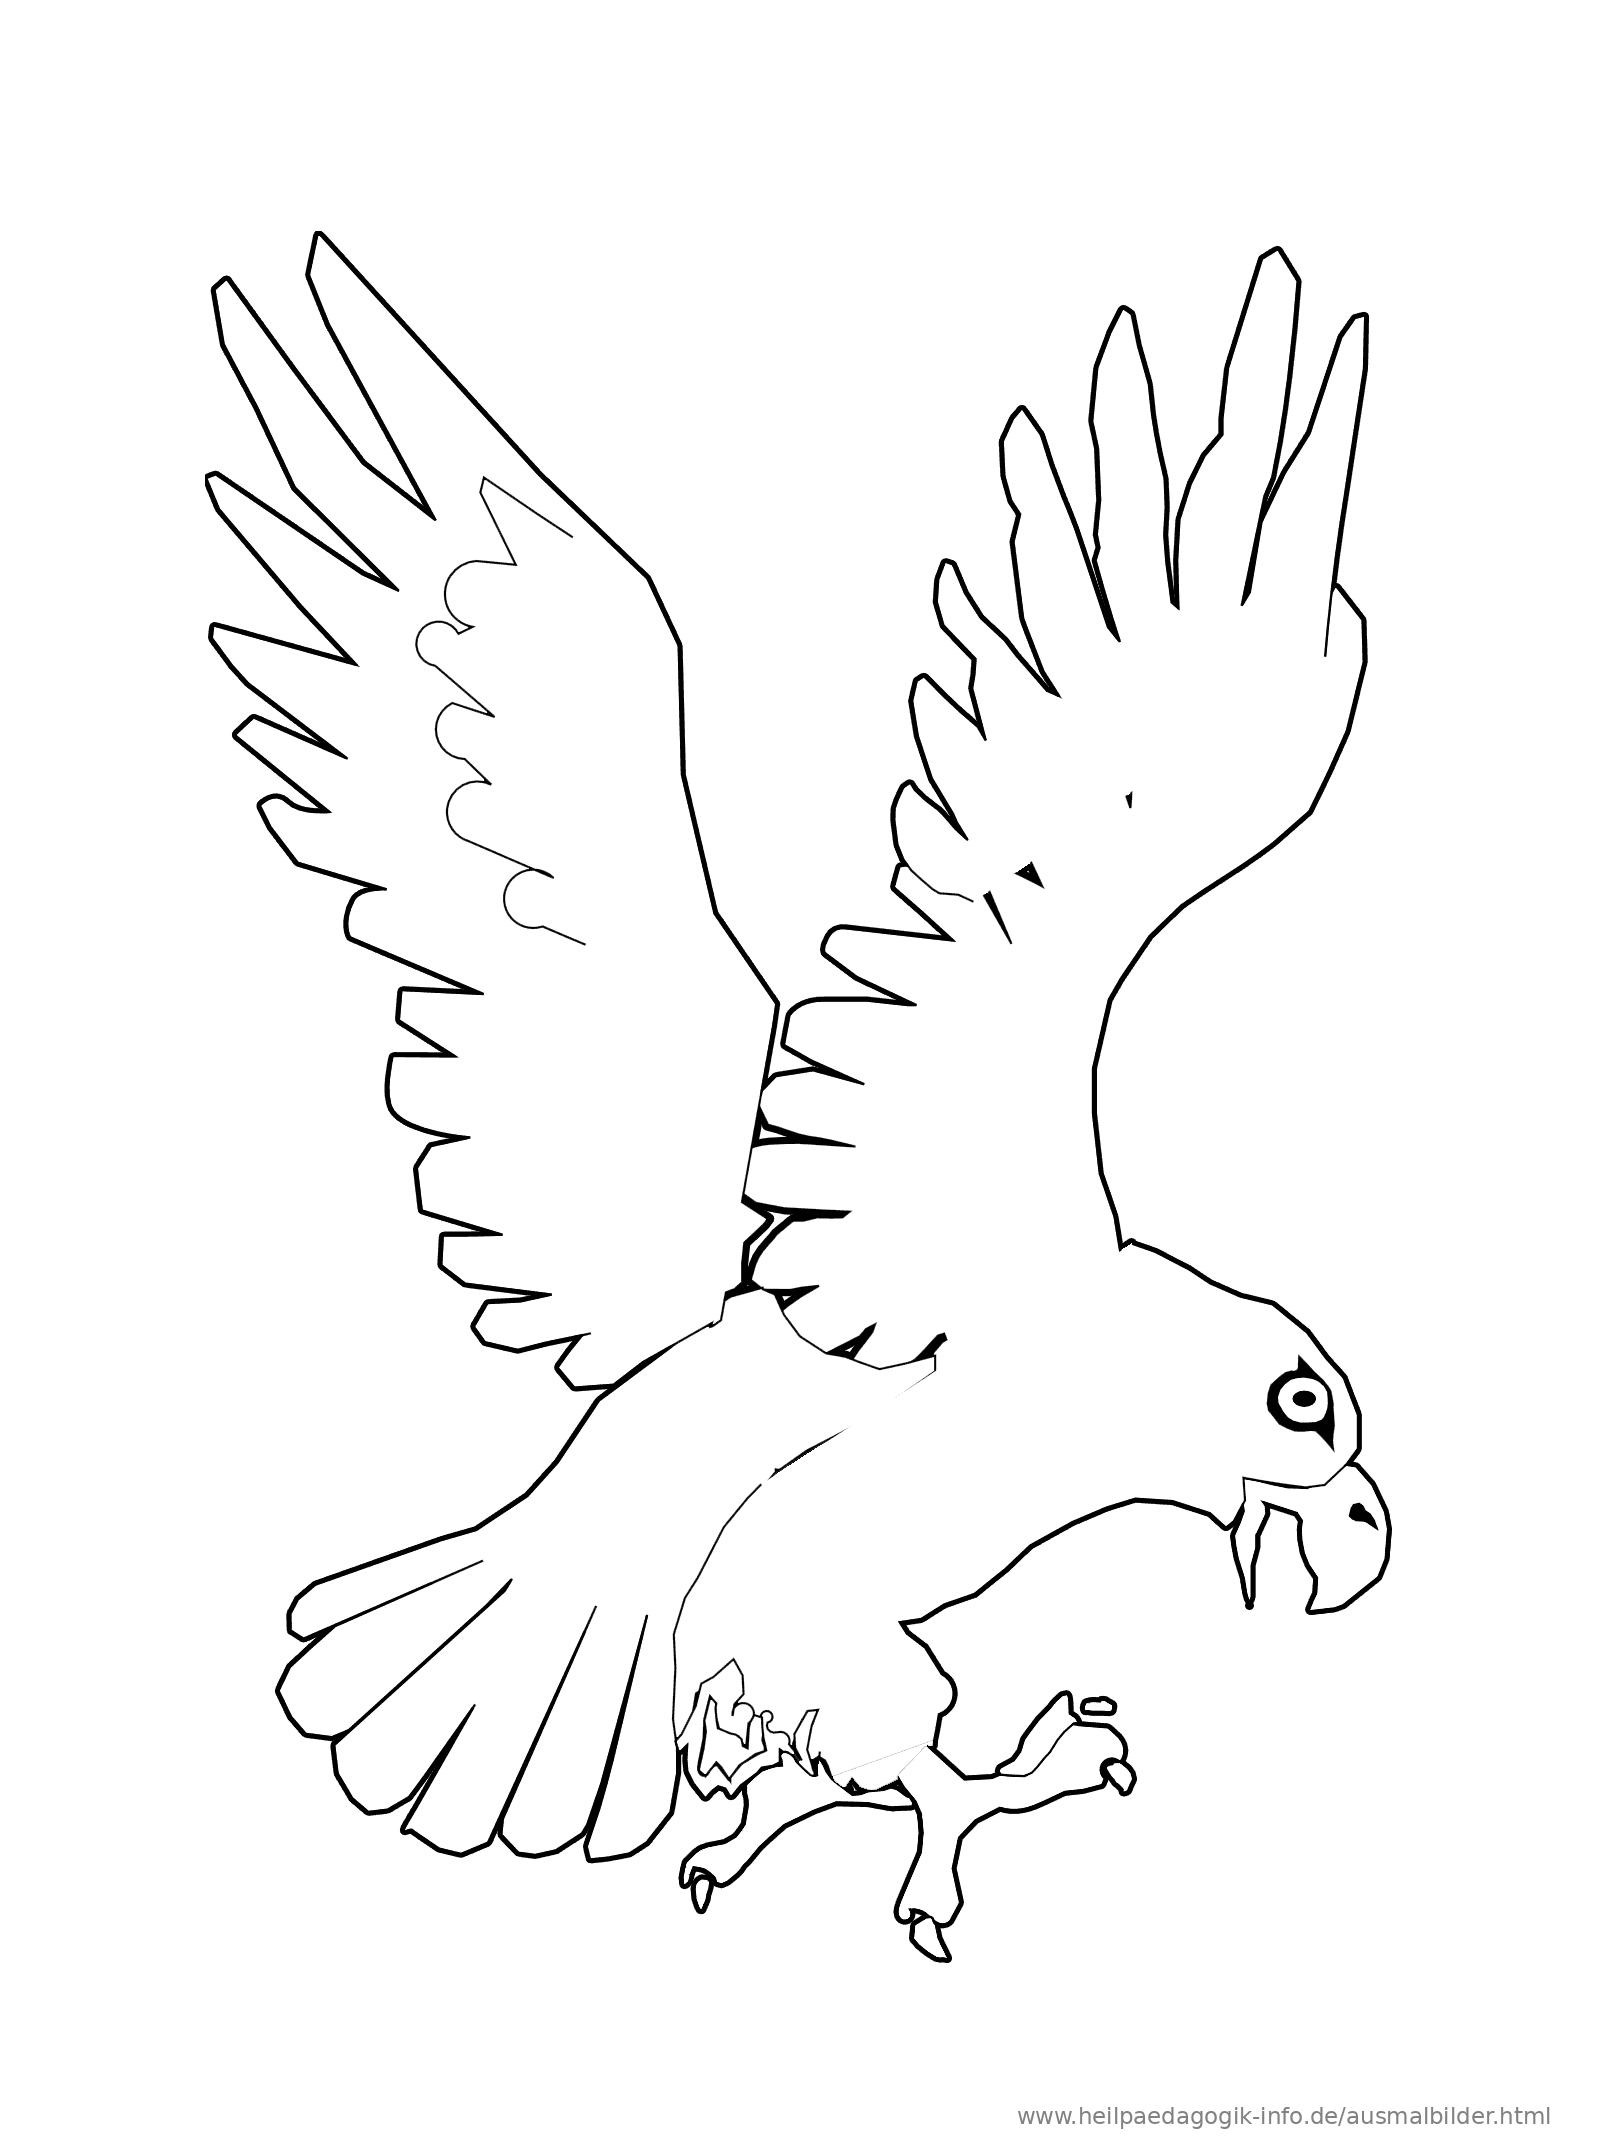 Ausmalbilder Vögel | heimhifi.com